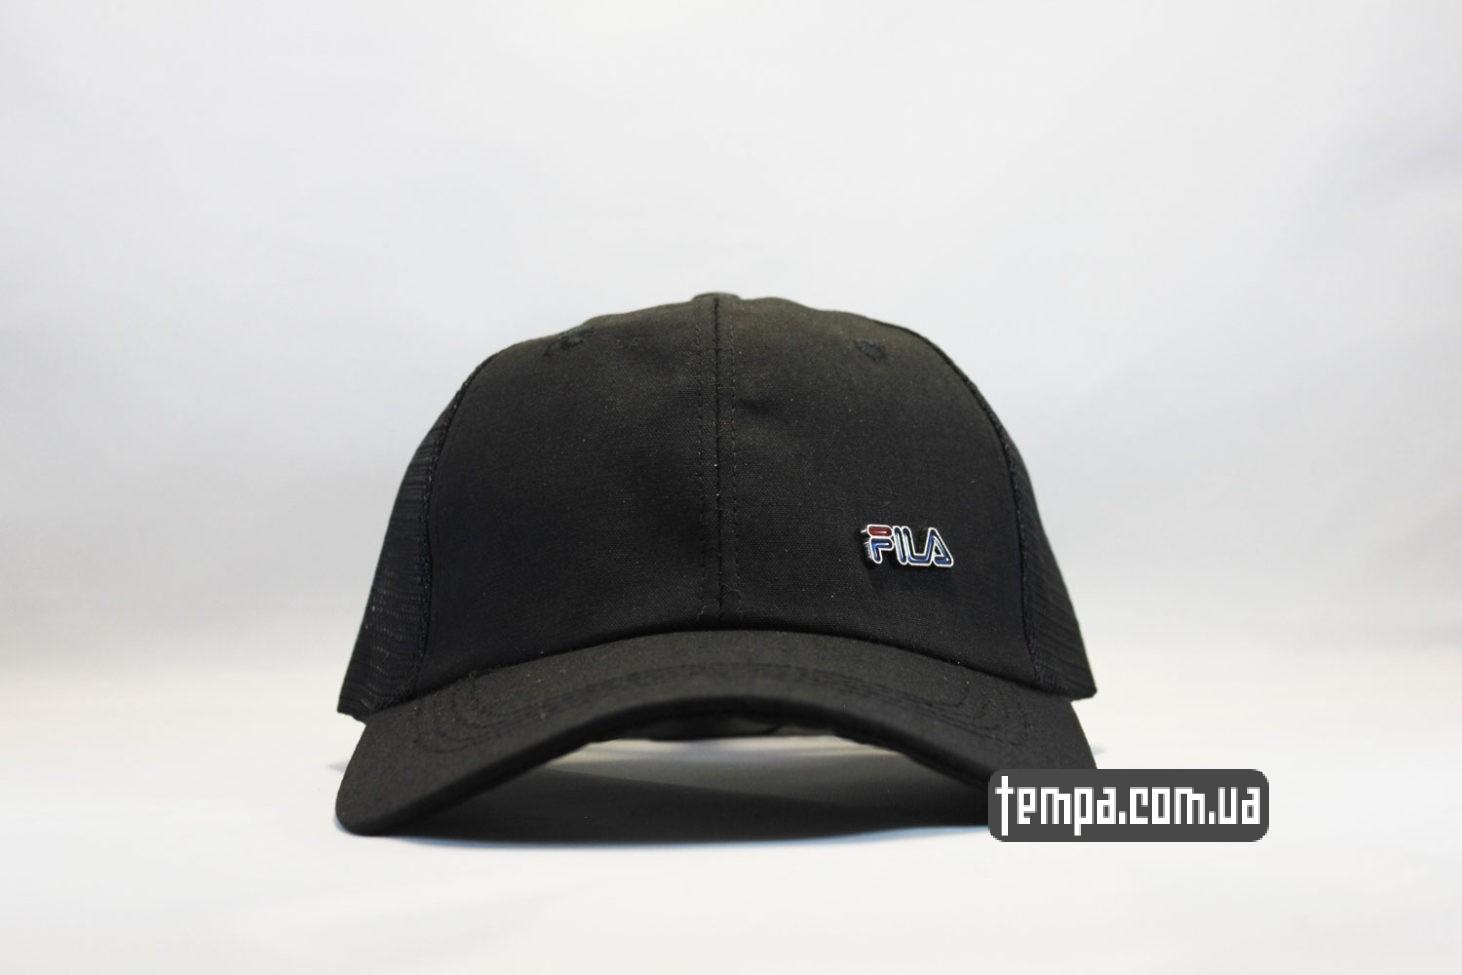 кепка бейсболка FILA черная black trucker с сеточкой